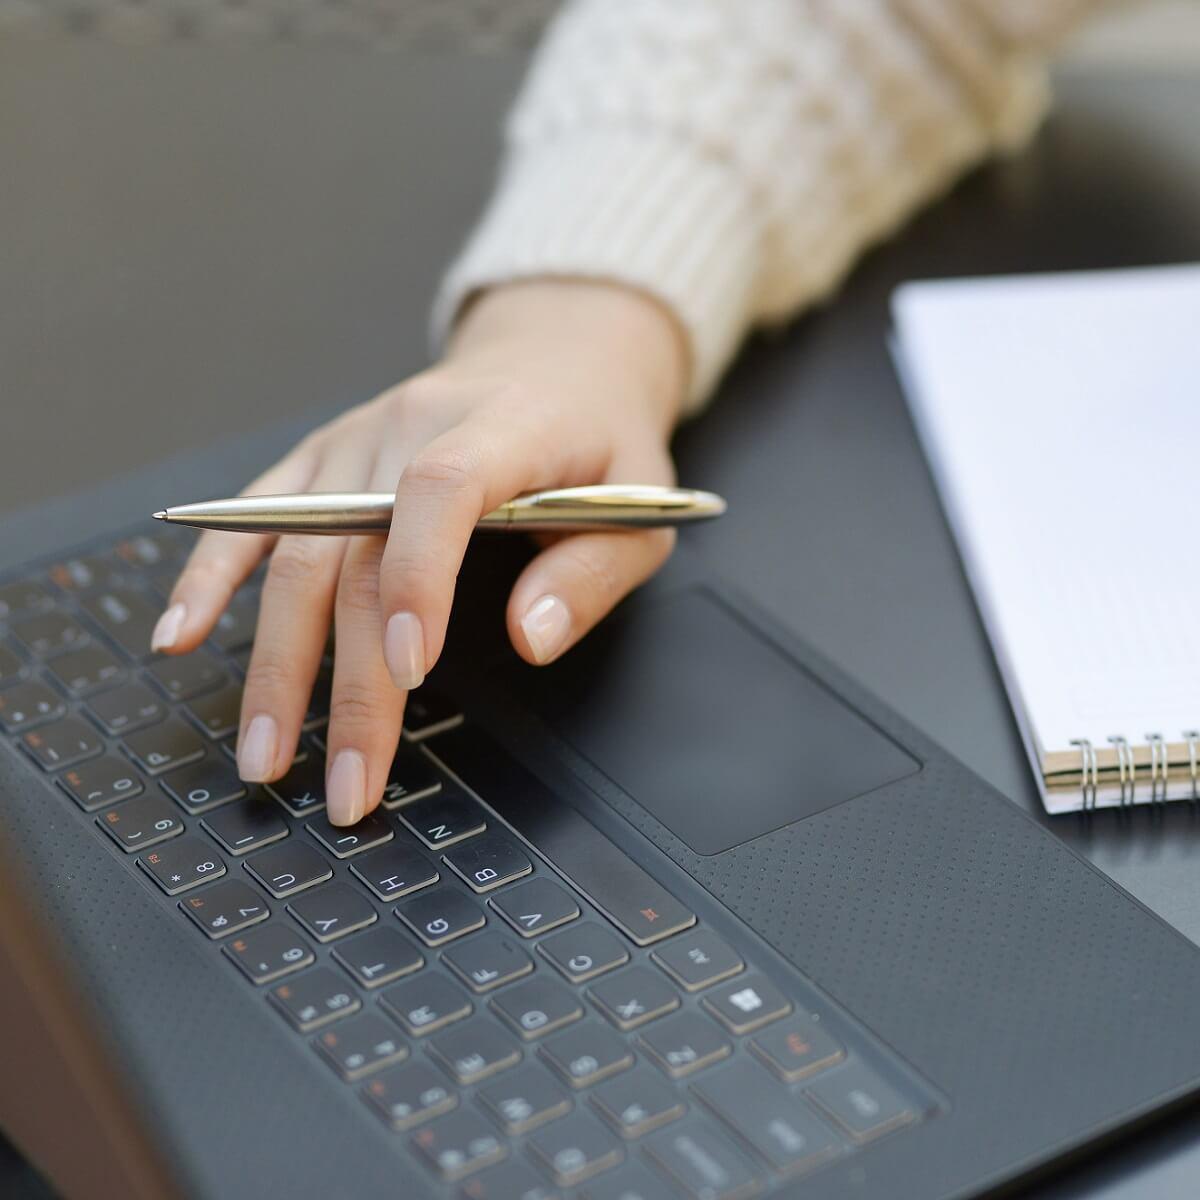 ノートパソコンとメモ帳の画像。